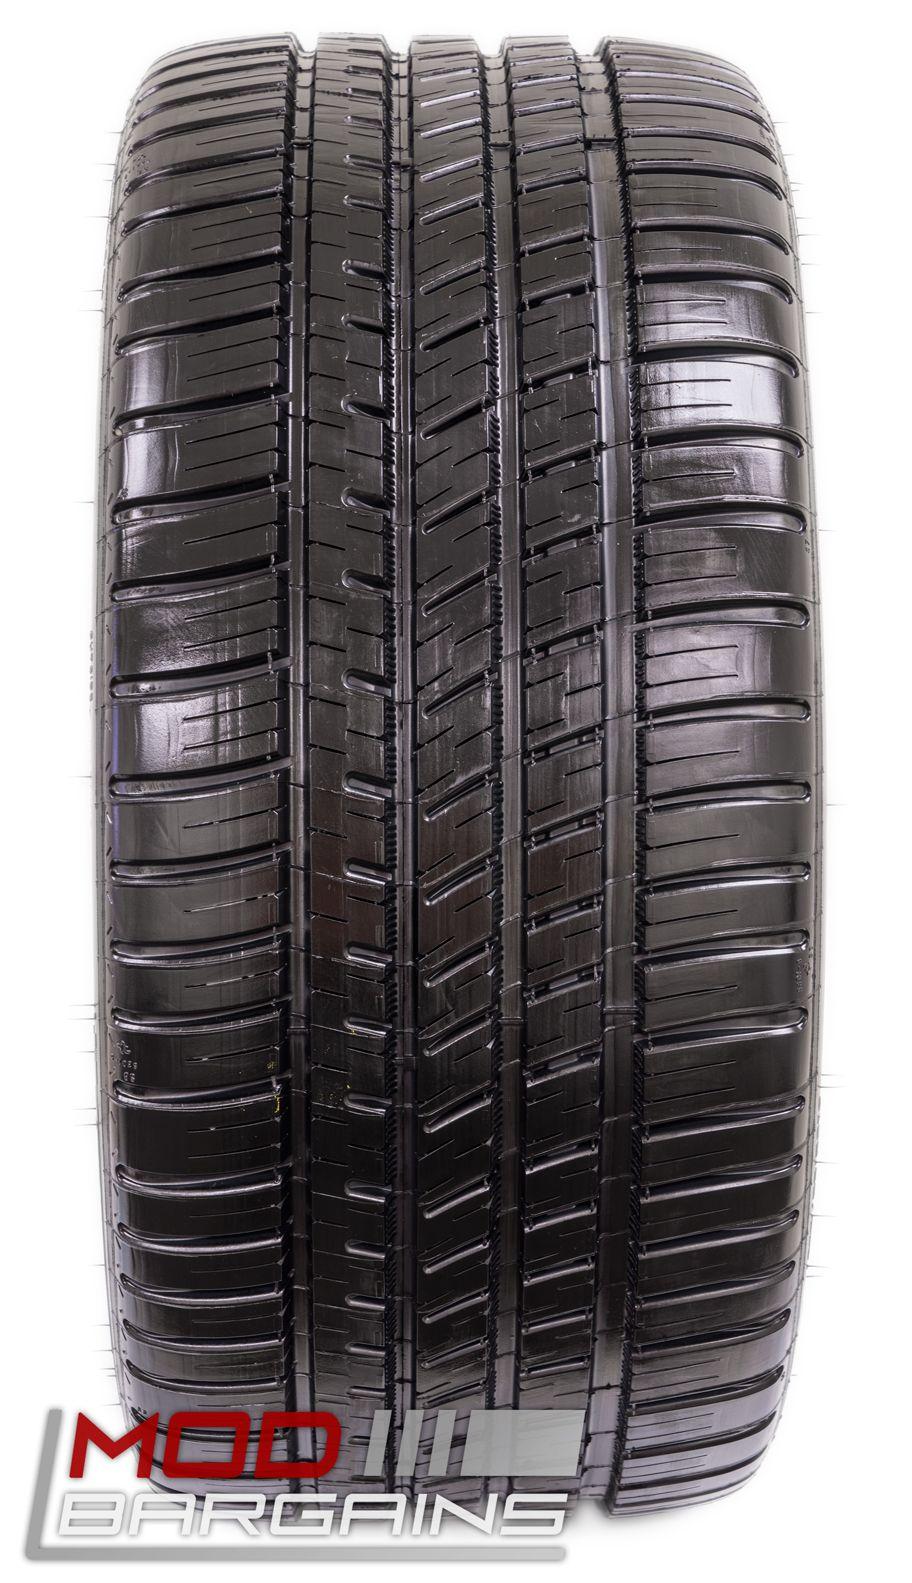 Michelin Pilot Sport A/S 3+ Tire Tread